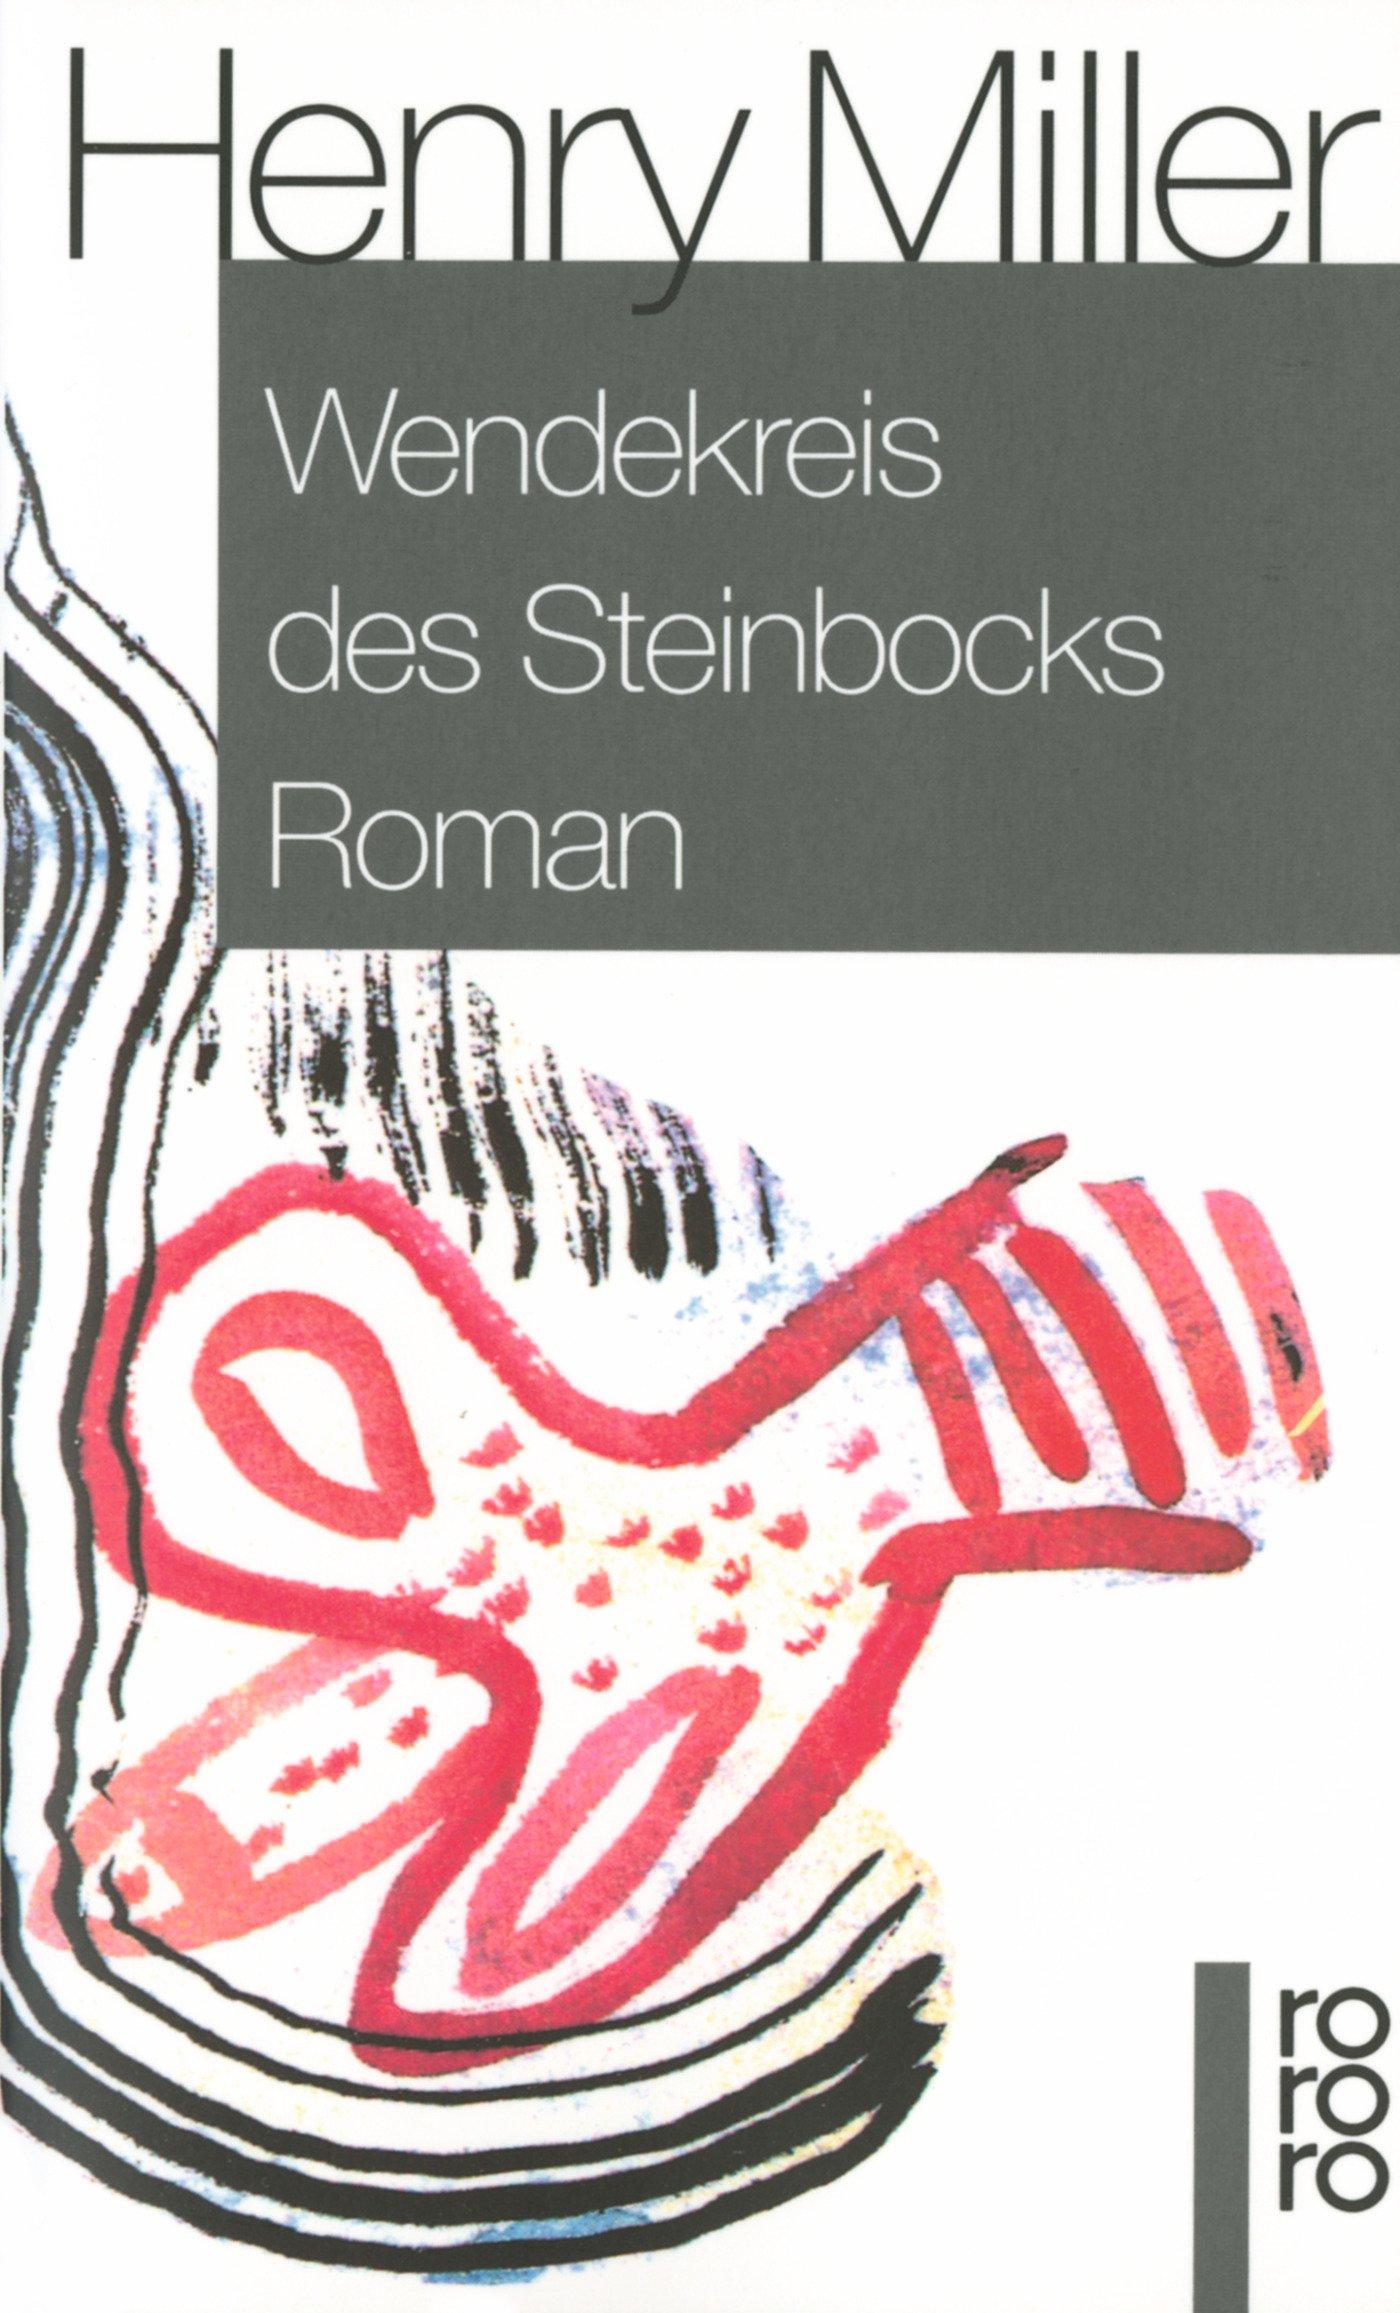 Wendekreis des Steinbocks Taschenbuch – 1. April 1980 Henry Miller Kurt Wagenseil Rowohlt Taschenbuch 3499145103